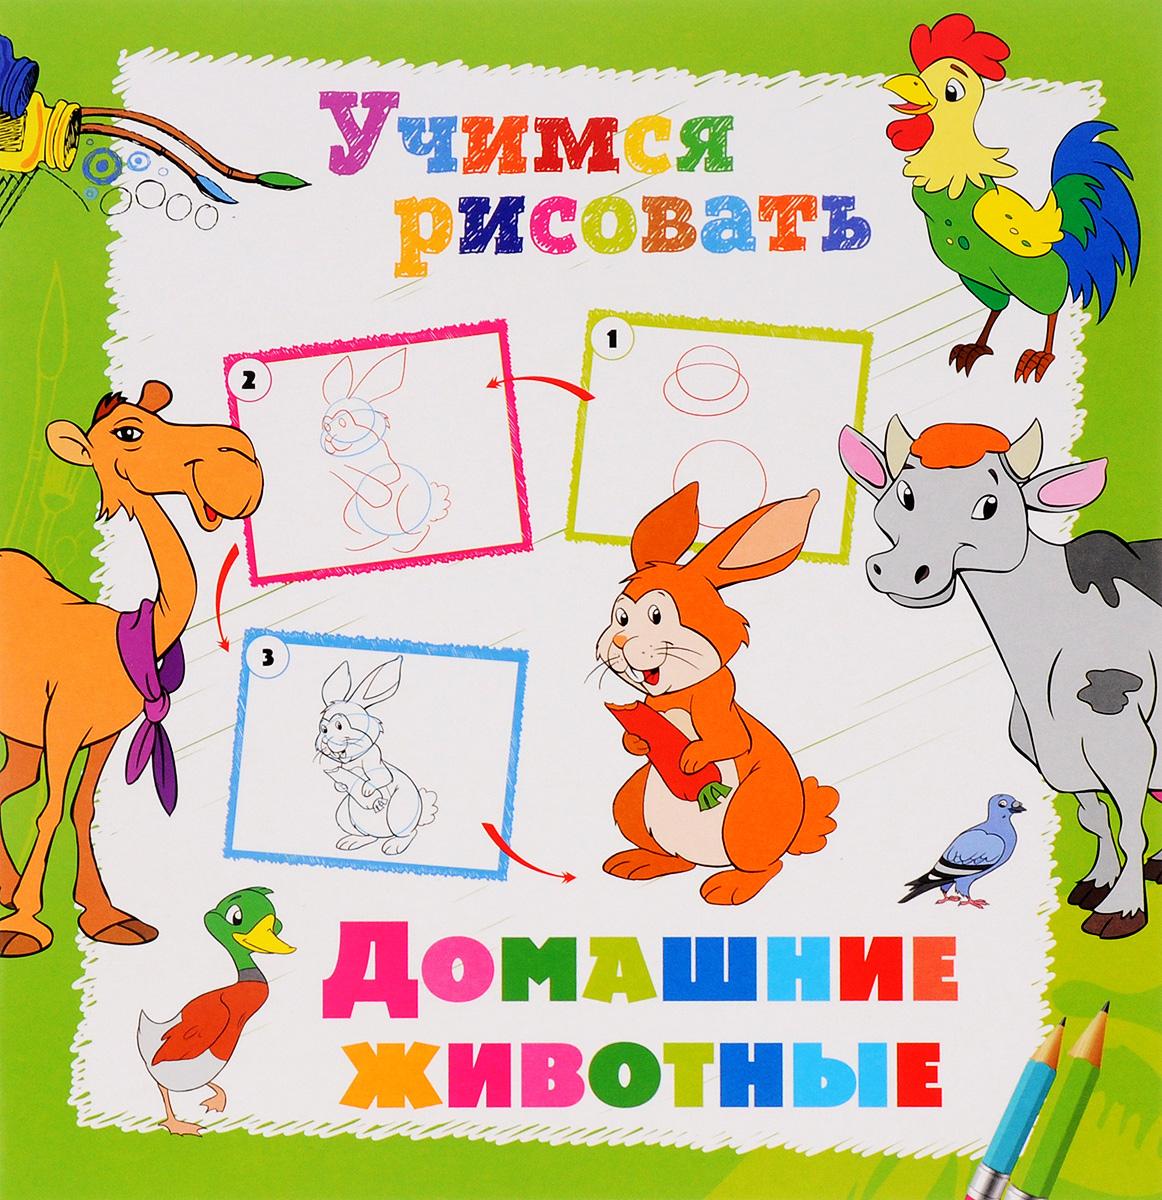 Домашние животные. Книжка-раскраска12296407Научим ребят рисовать! Многие малыши обожают рисовать! Рисование и раскрашивание - это не только интересное, но и очень полезное занятие. Мы создали серию книжек-раскрасок УЧИМСЯ РИСОВАТЬ, с которыми заниматься рисованием очень весело. Ваш ребенок сможет научиться рисовать животных, птиц, динозавров, фрукты, машины и многое другое, воспользовавшись пошаговыми советами художника. Желаем вам творческих успехов и хорошего настроения!